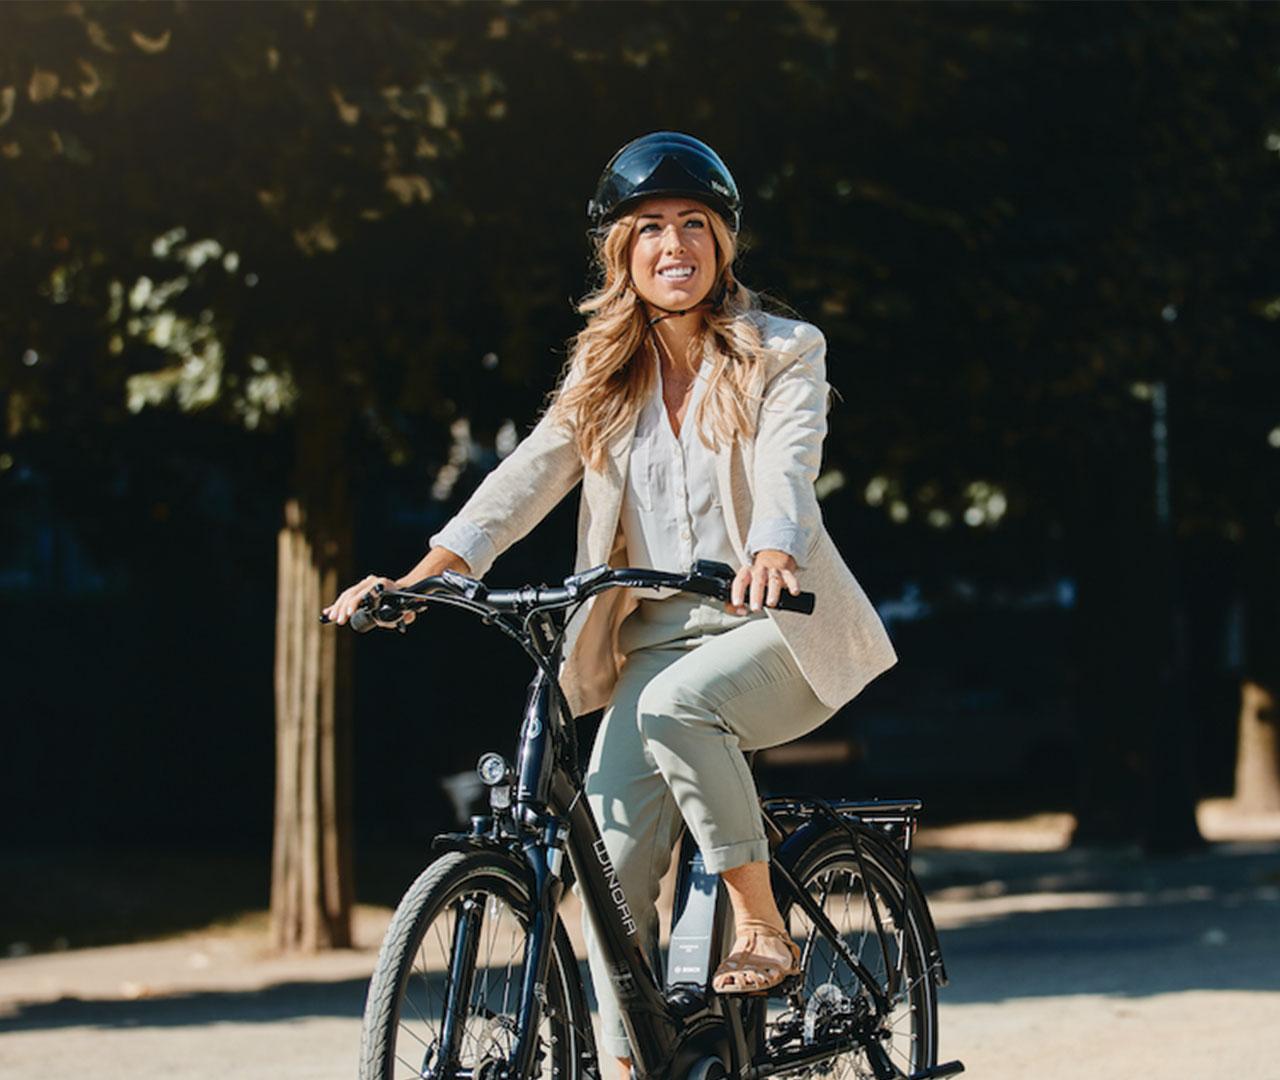 Location de vélo connecté avec la winkbar - Vélos 17 Loisirs sur l'ile d'oleron